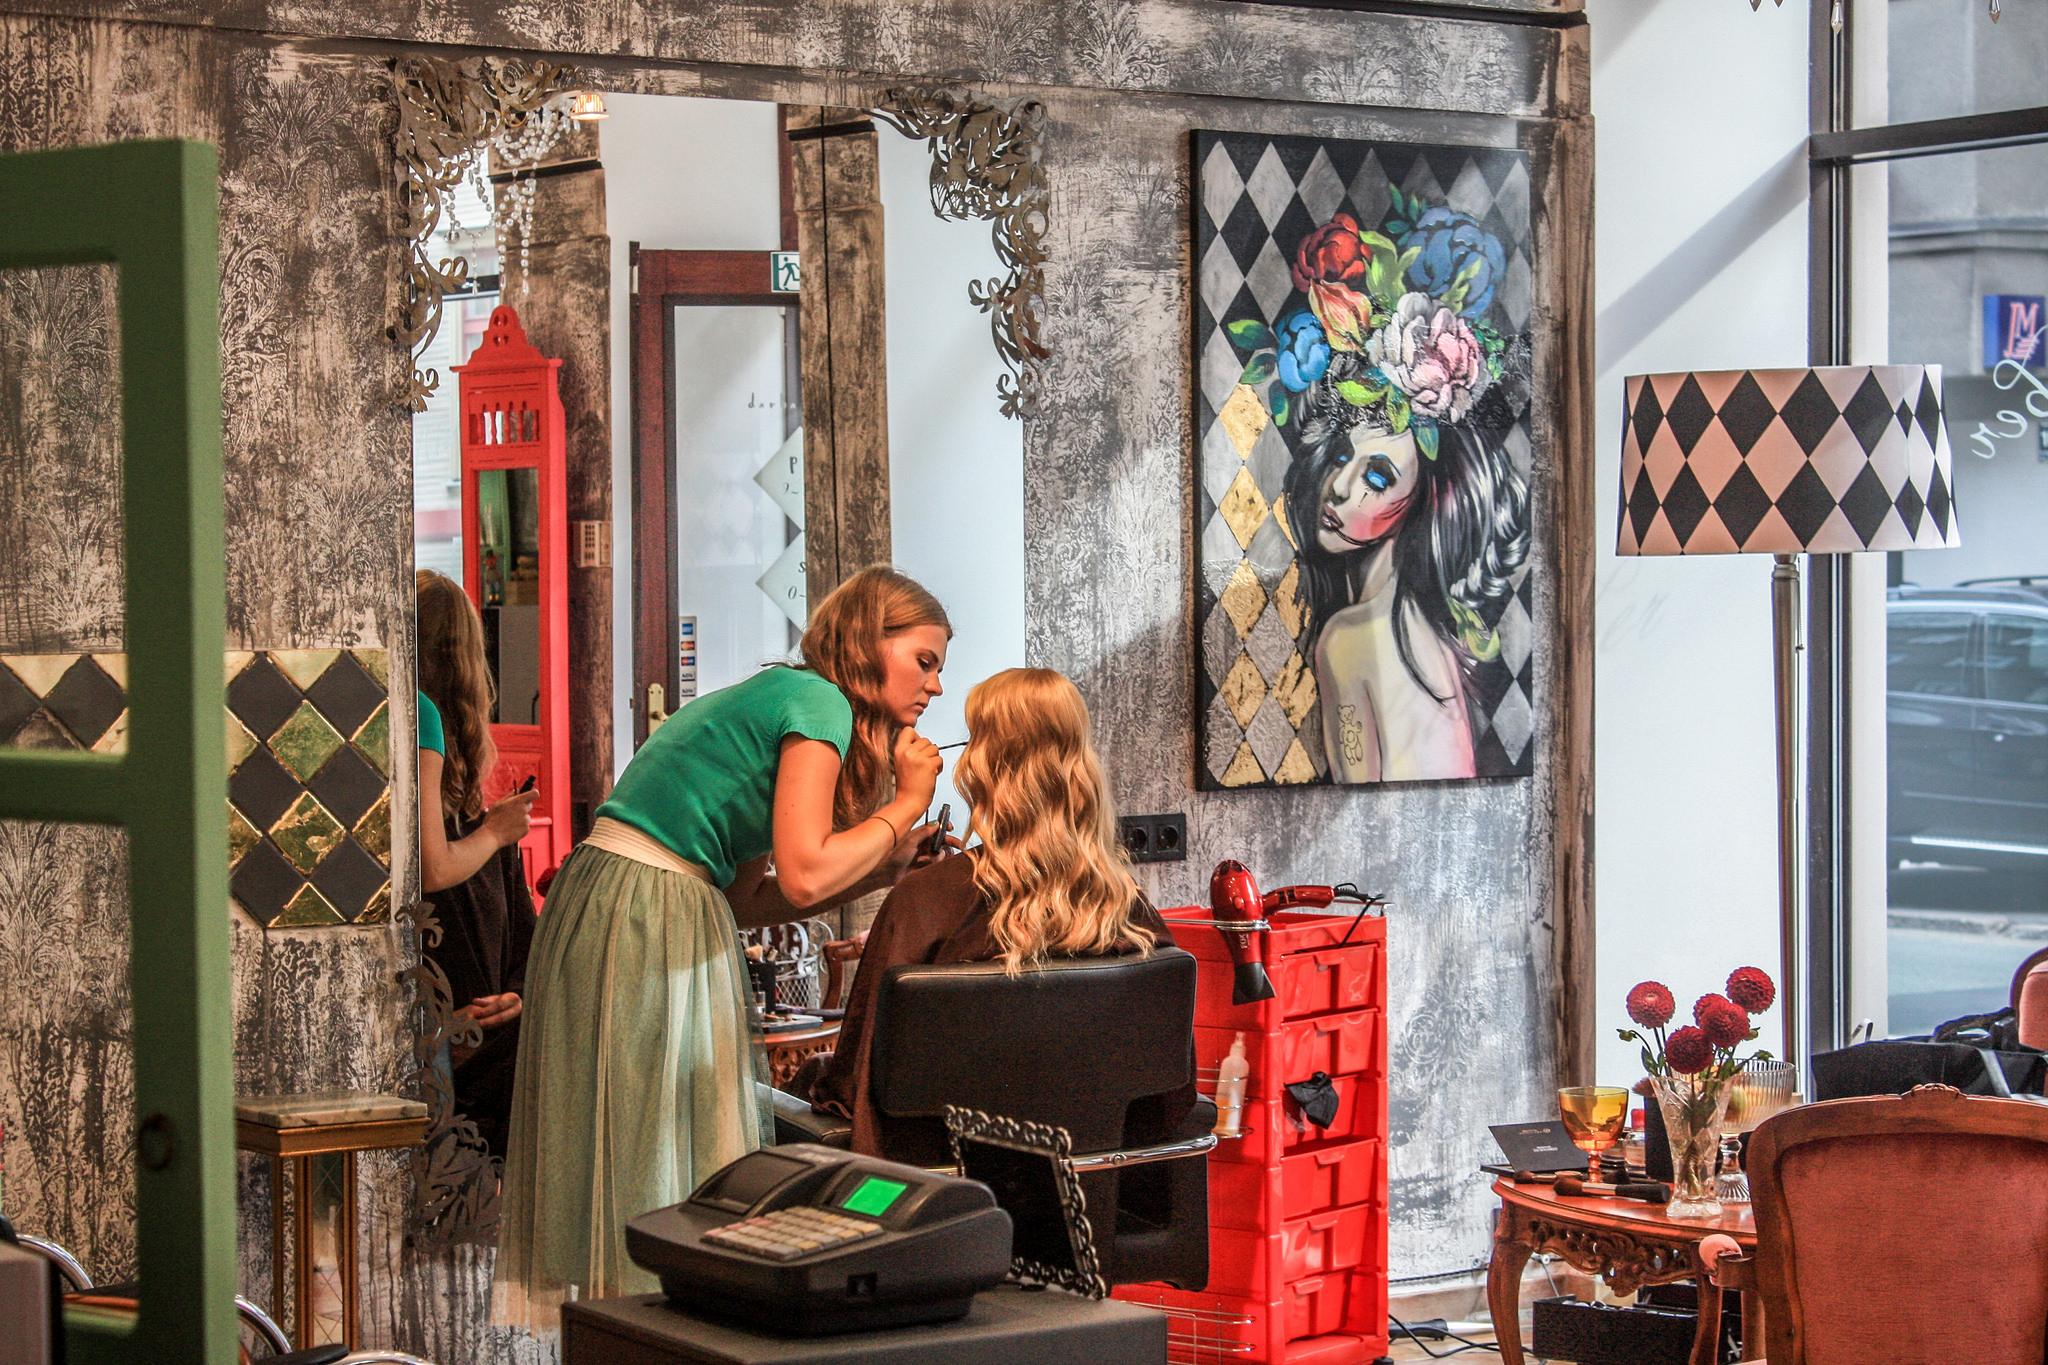 Avotu iela 7 - Avotu ielas Misha the Barber salons ir mūsu pirmais dārgakmenis mūsu salonu kolekcijā. Dibināts 2015. gadā tas ir iekarojis daudzu klientu sirdis. Aprīkots ar vairākām bērnu automašīnām-krēsliem, tā ir must visit vieta mūsu jaunākajiem klientiem.